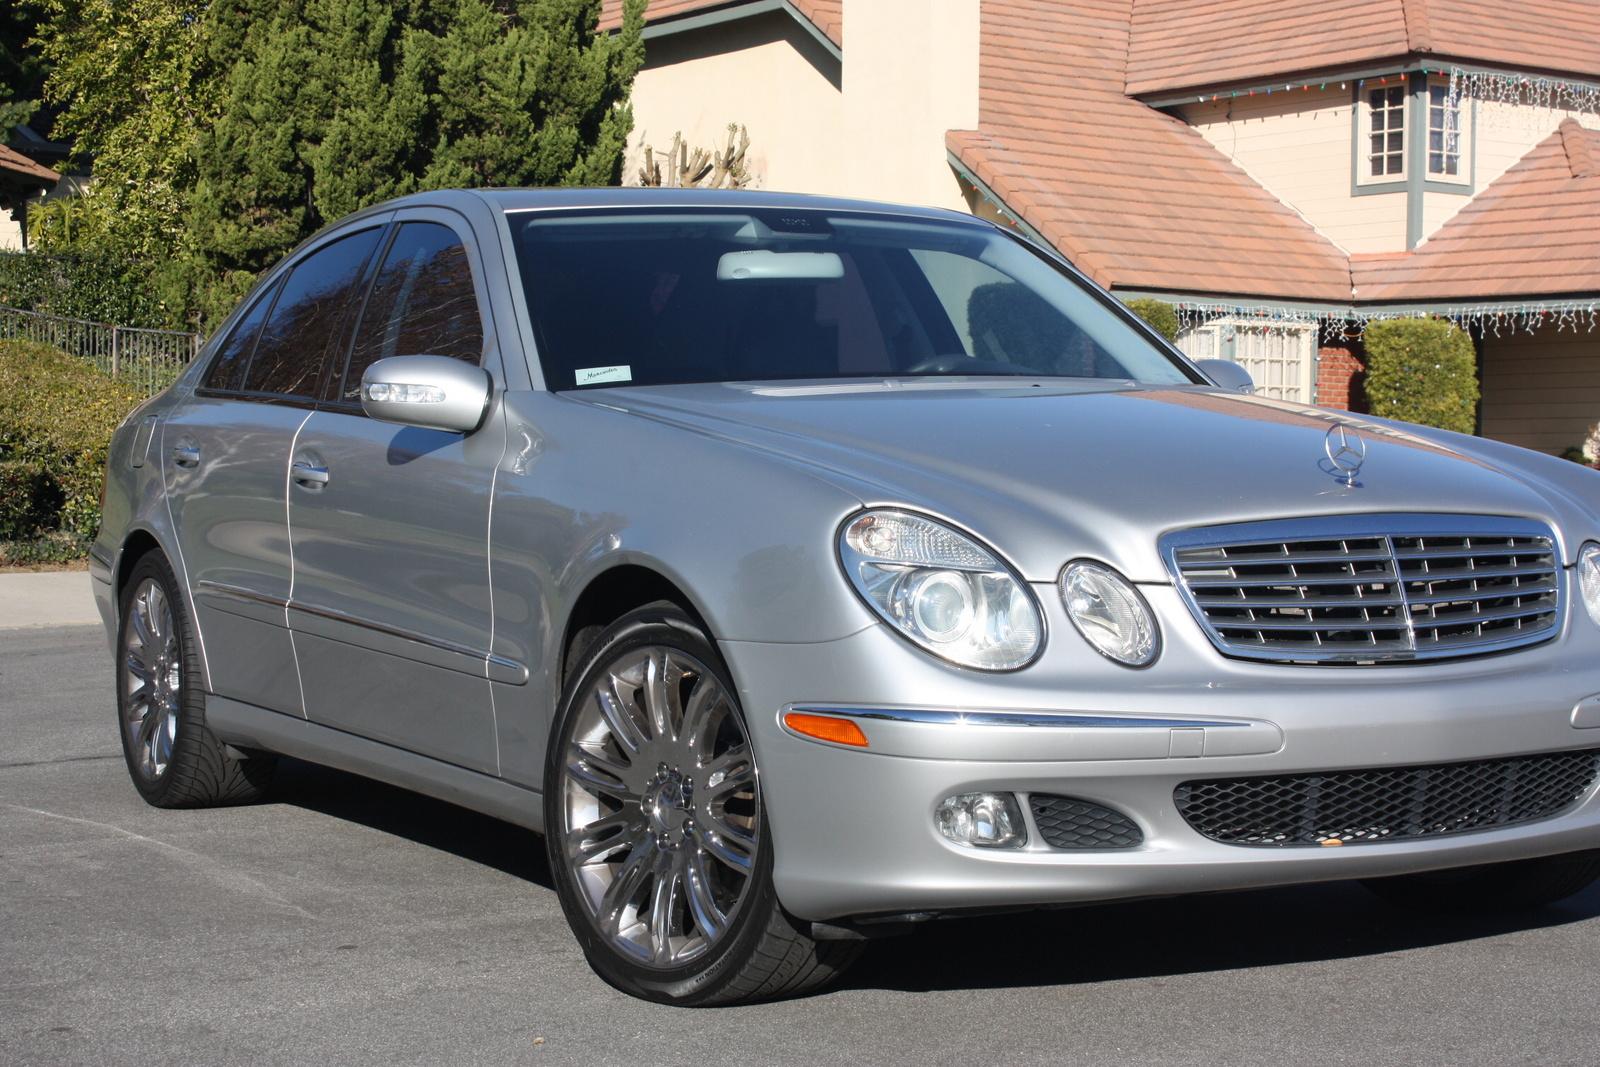 2006 mercedes benz e class pictures cargurus for 2006 mercedes benz e350 reviews